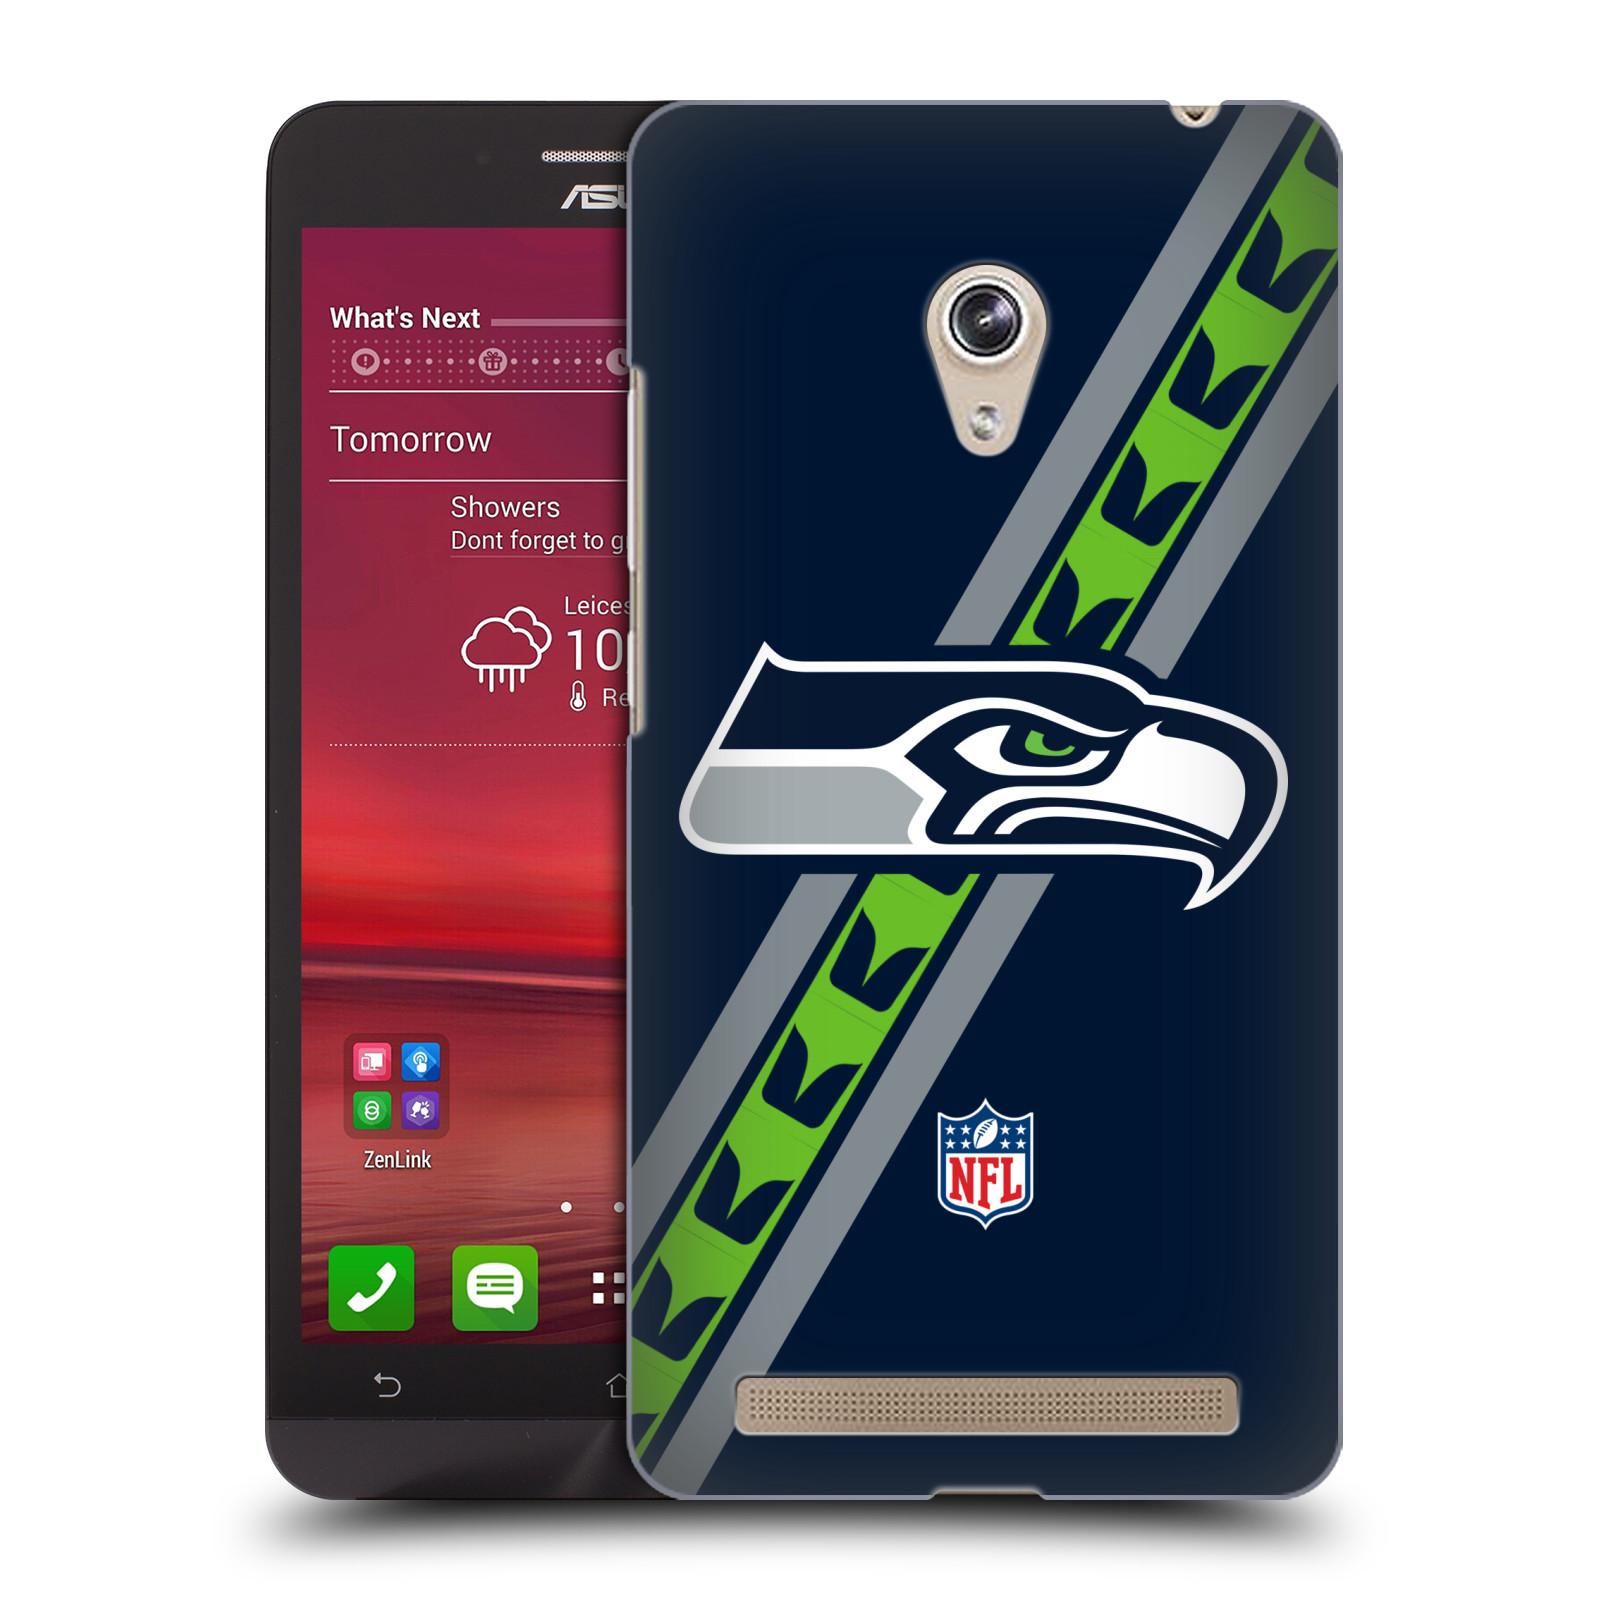 Plastové pouzdro na mobil Asus Zenfone 6 HEAD CASE NFL - Seattle Seahawks (Plastový kryt či obal na mobilní telefon licencovaným motivem NFL pro Asus Zenfone 6 A600CG / A601CG)